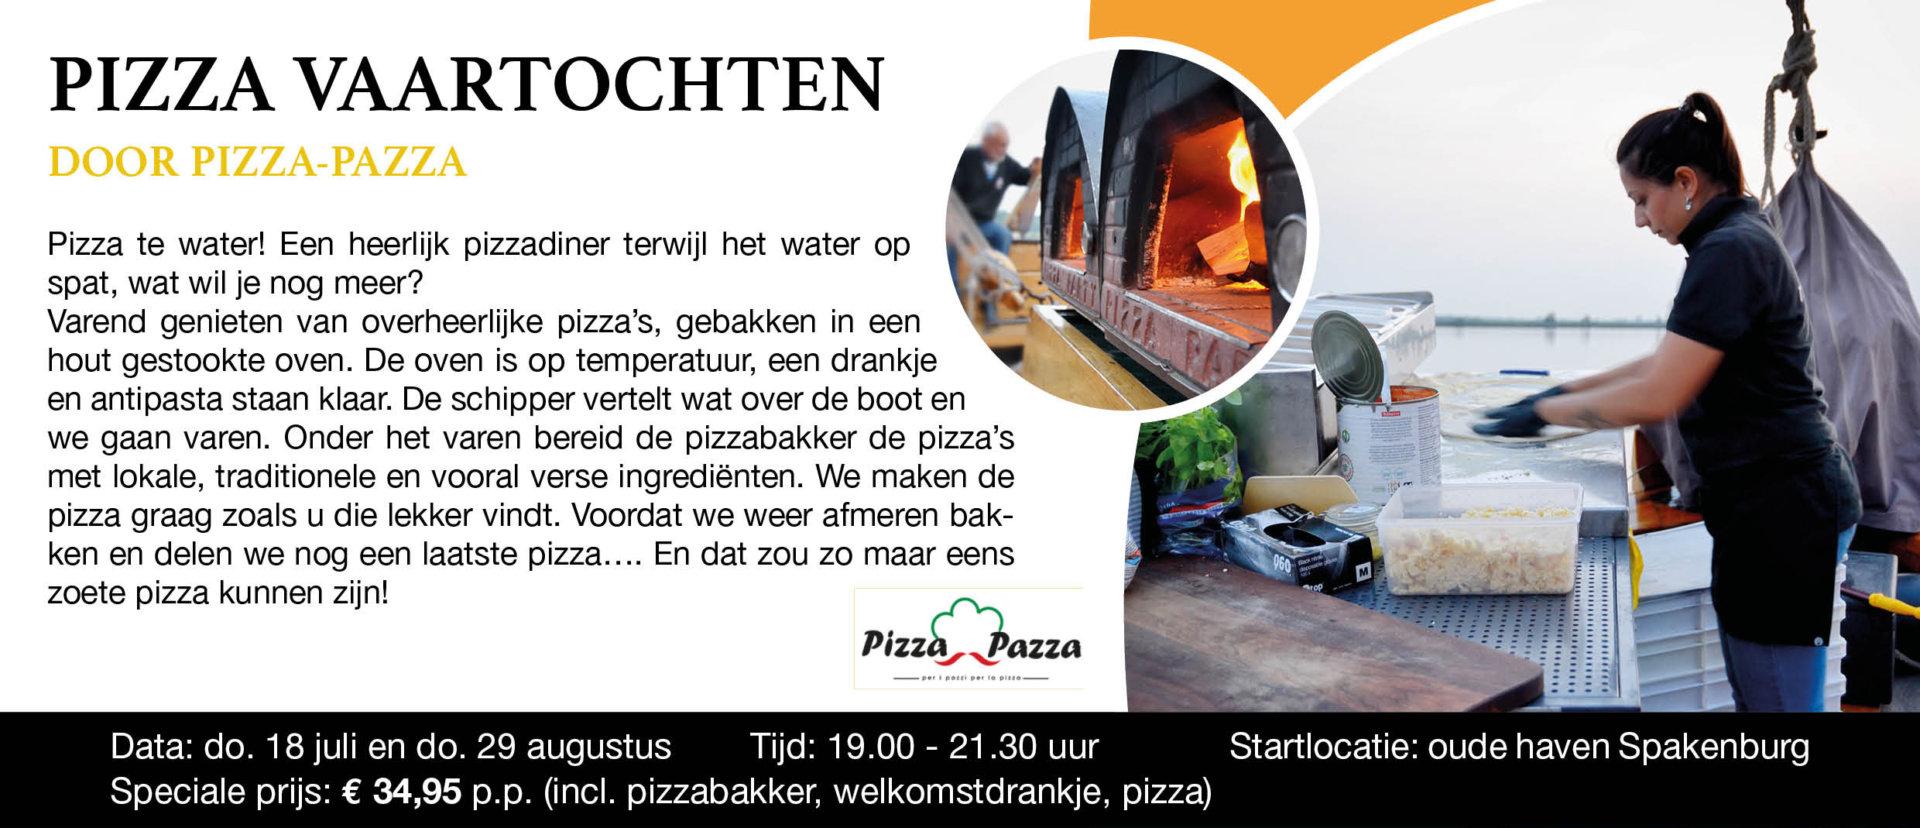 Pizza Vaartochten